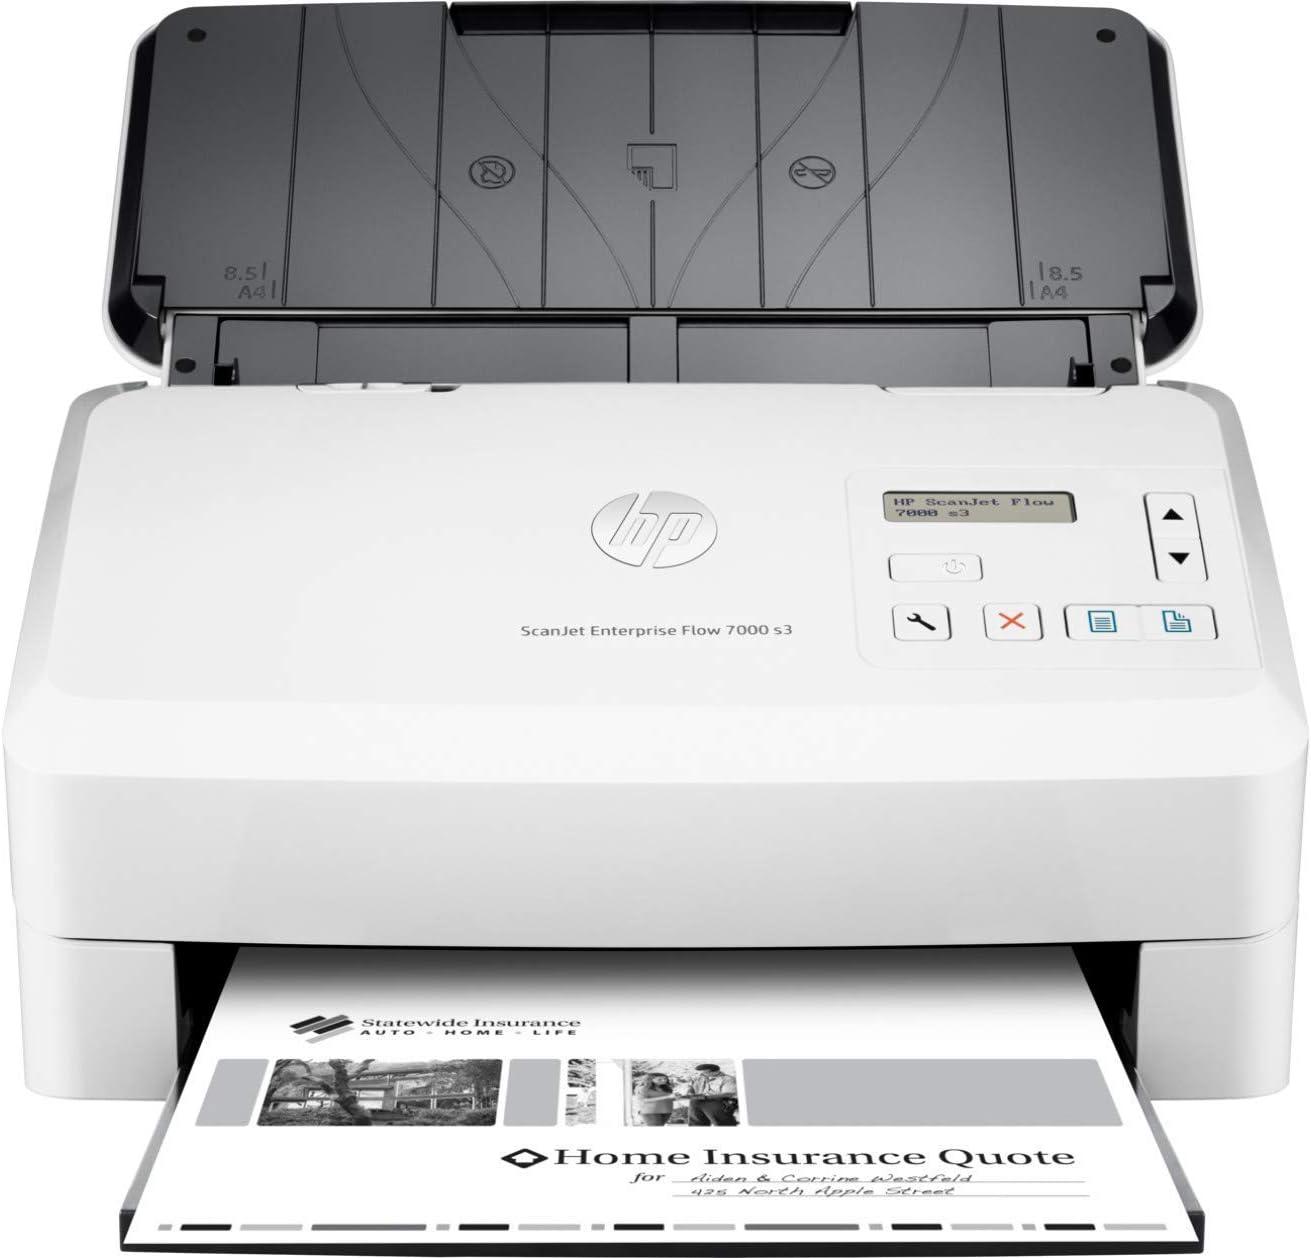 期間限定 HP ScanJet Enterprise Flow 7000 Renew ショッピング s3 Scanner OCR Sheet-feed